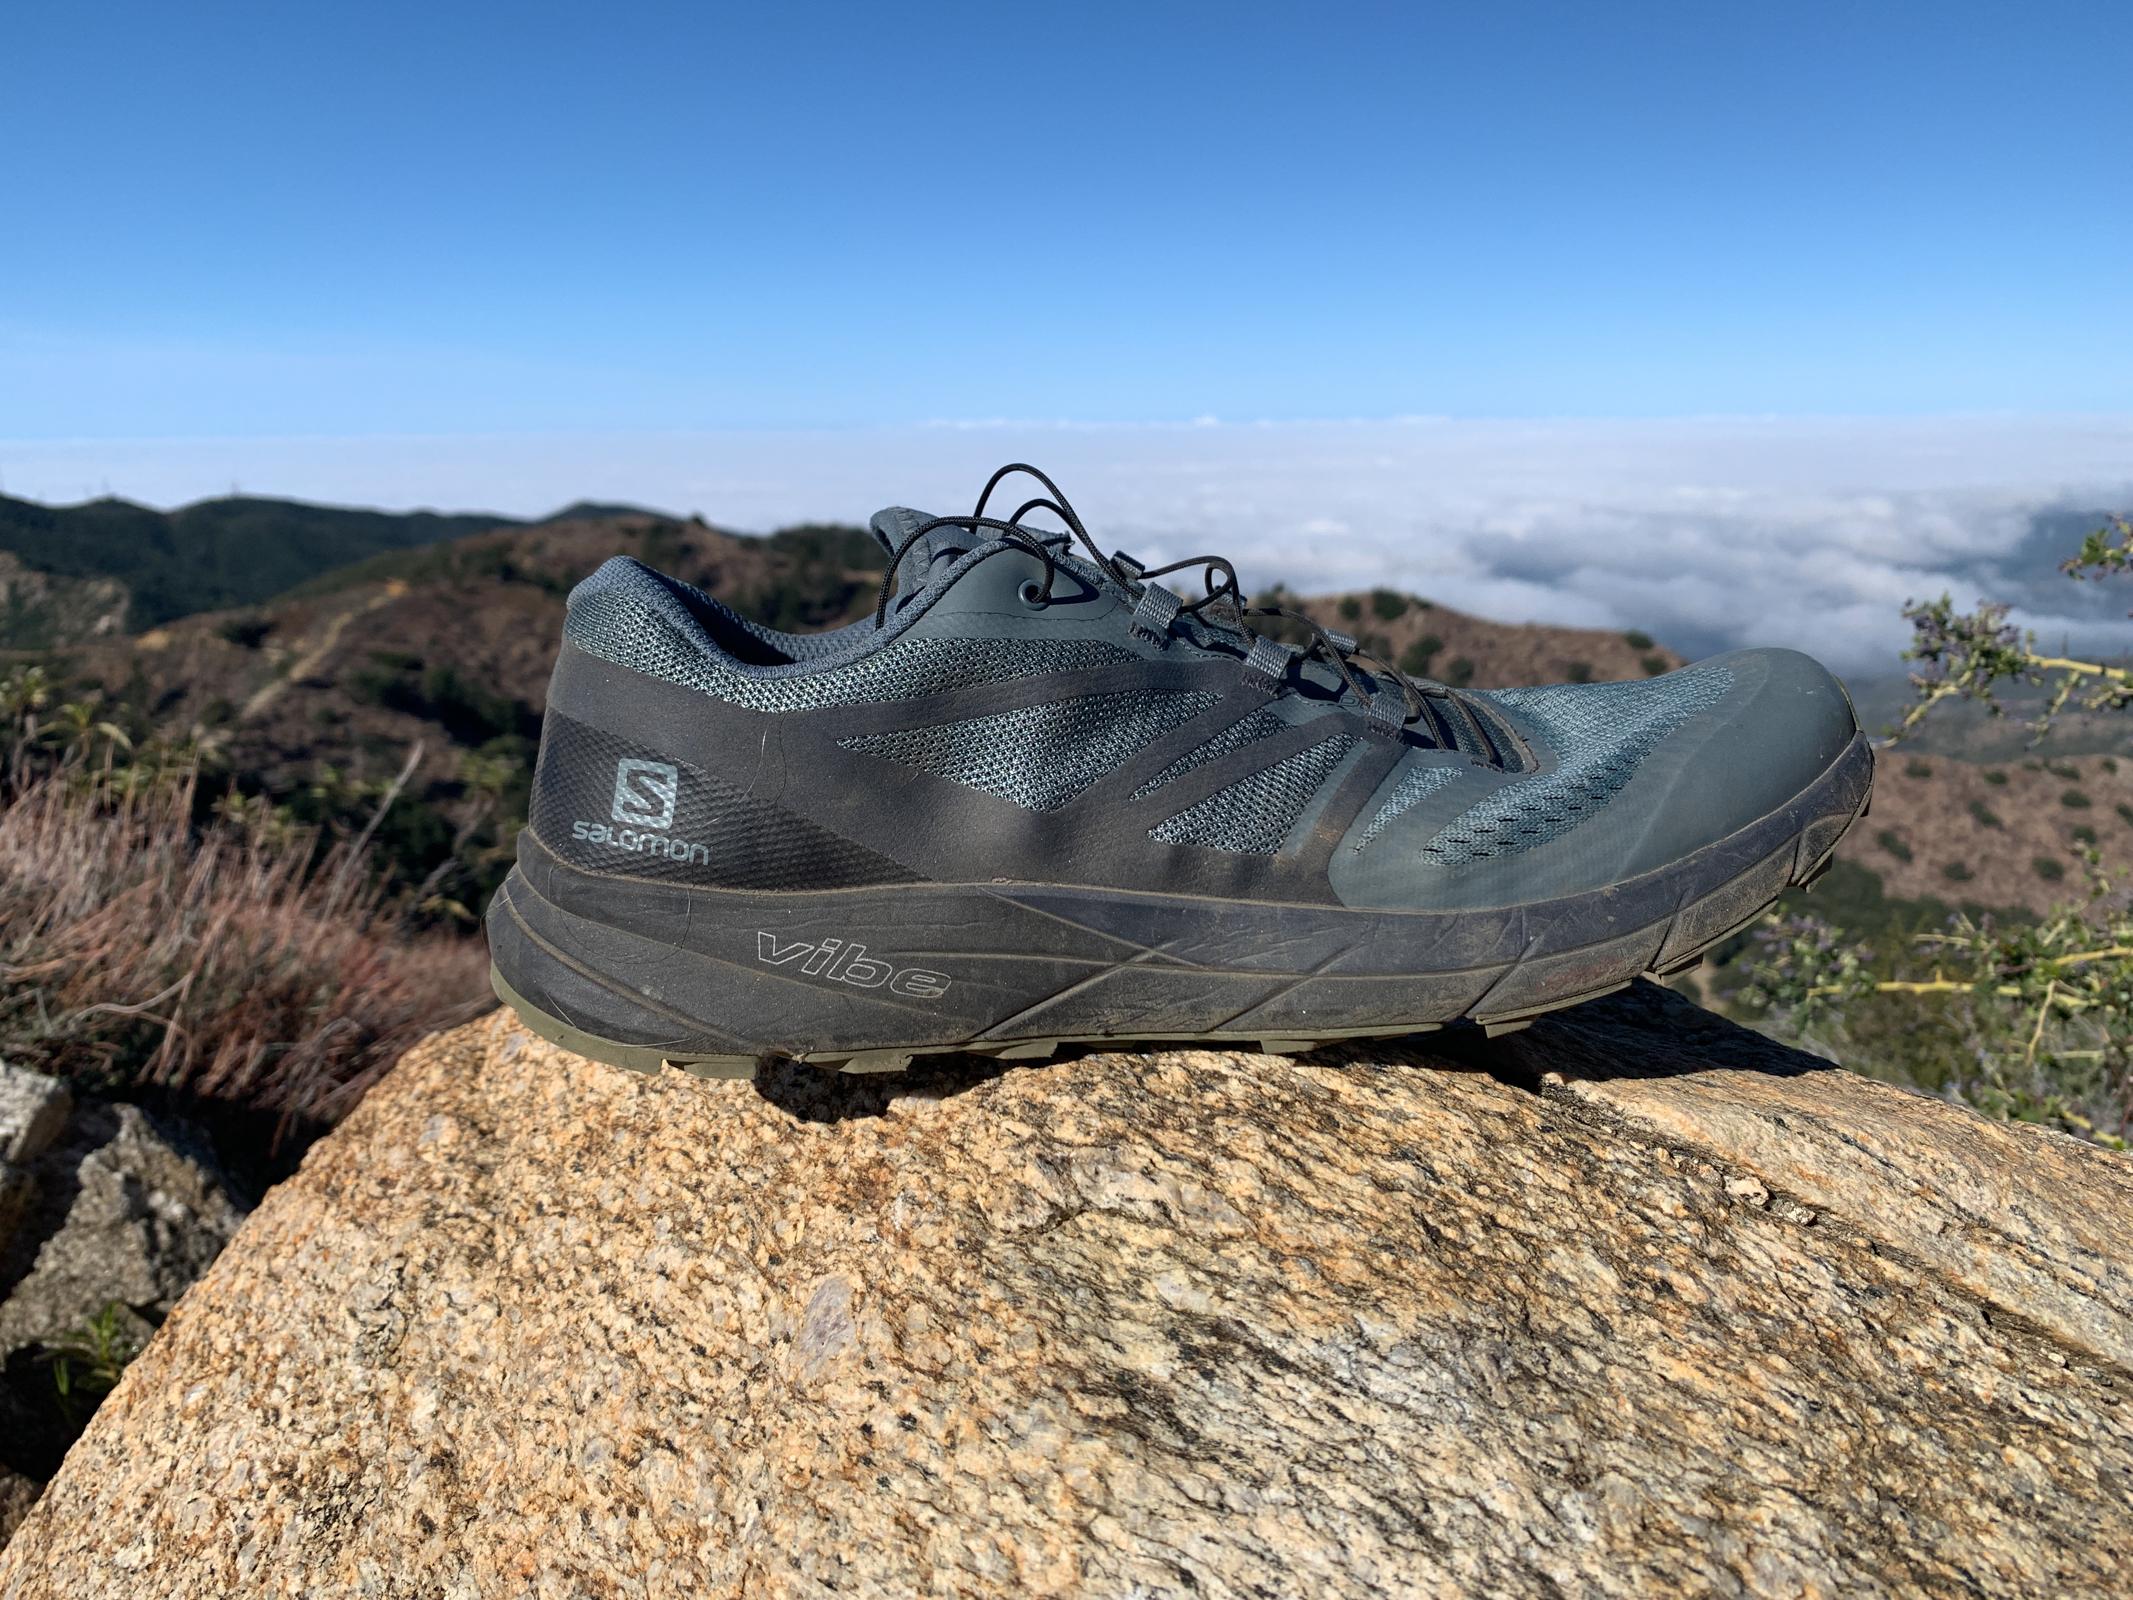 salomon shoes review